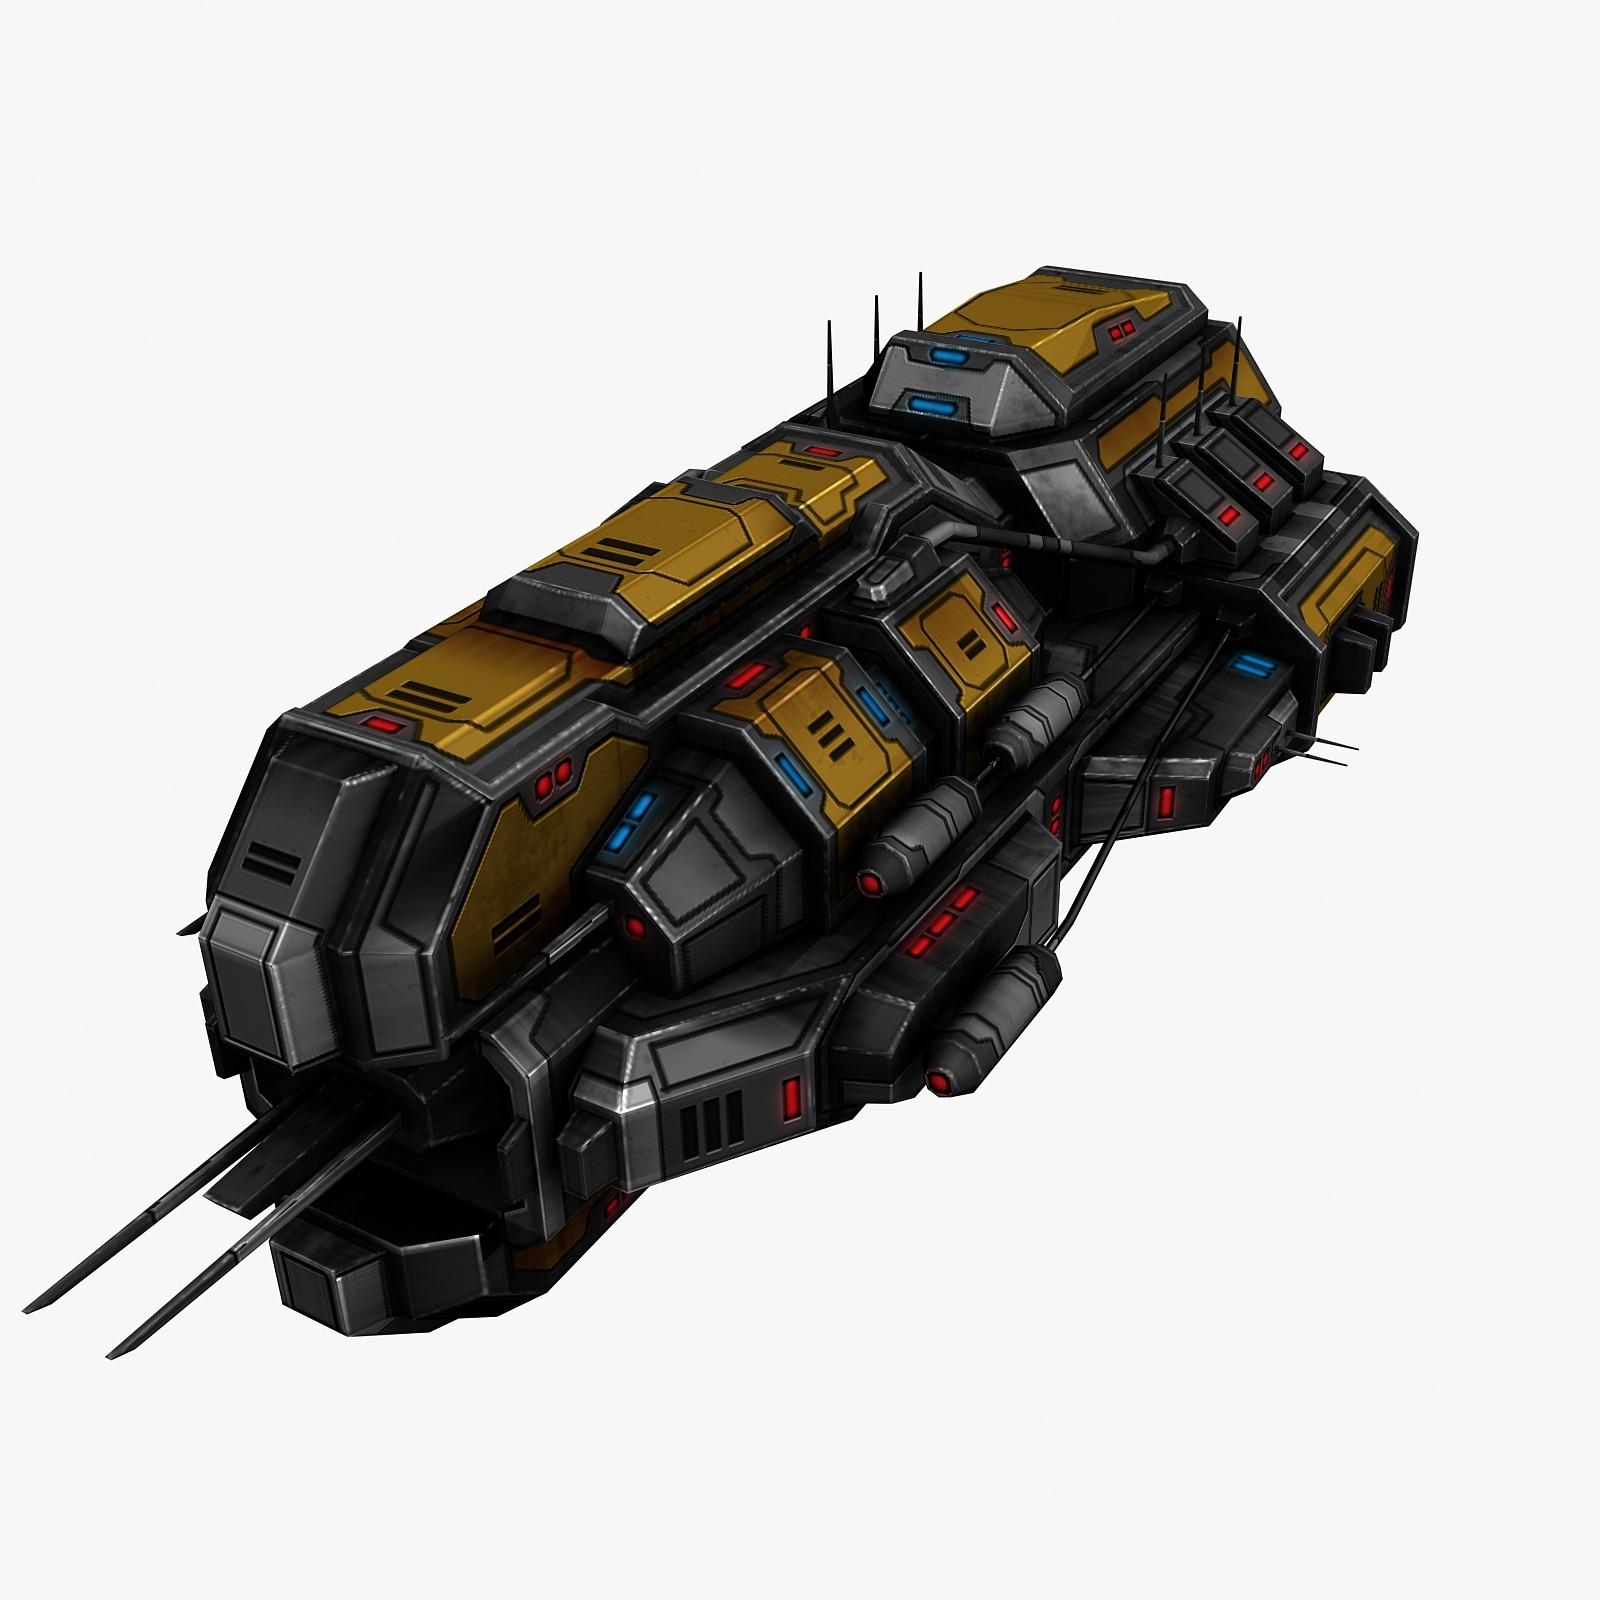 civilian_spaceship_3_preview_0.jpg